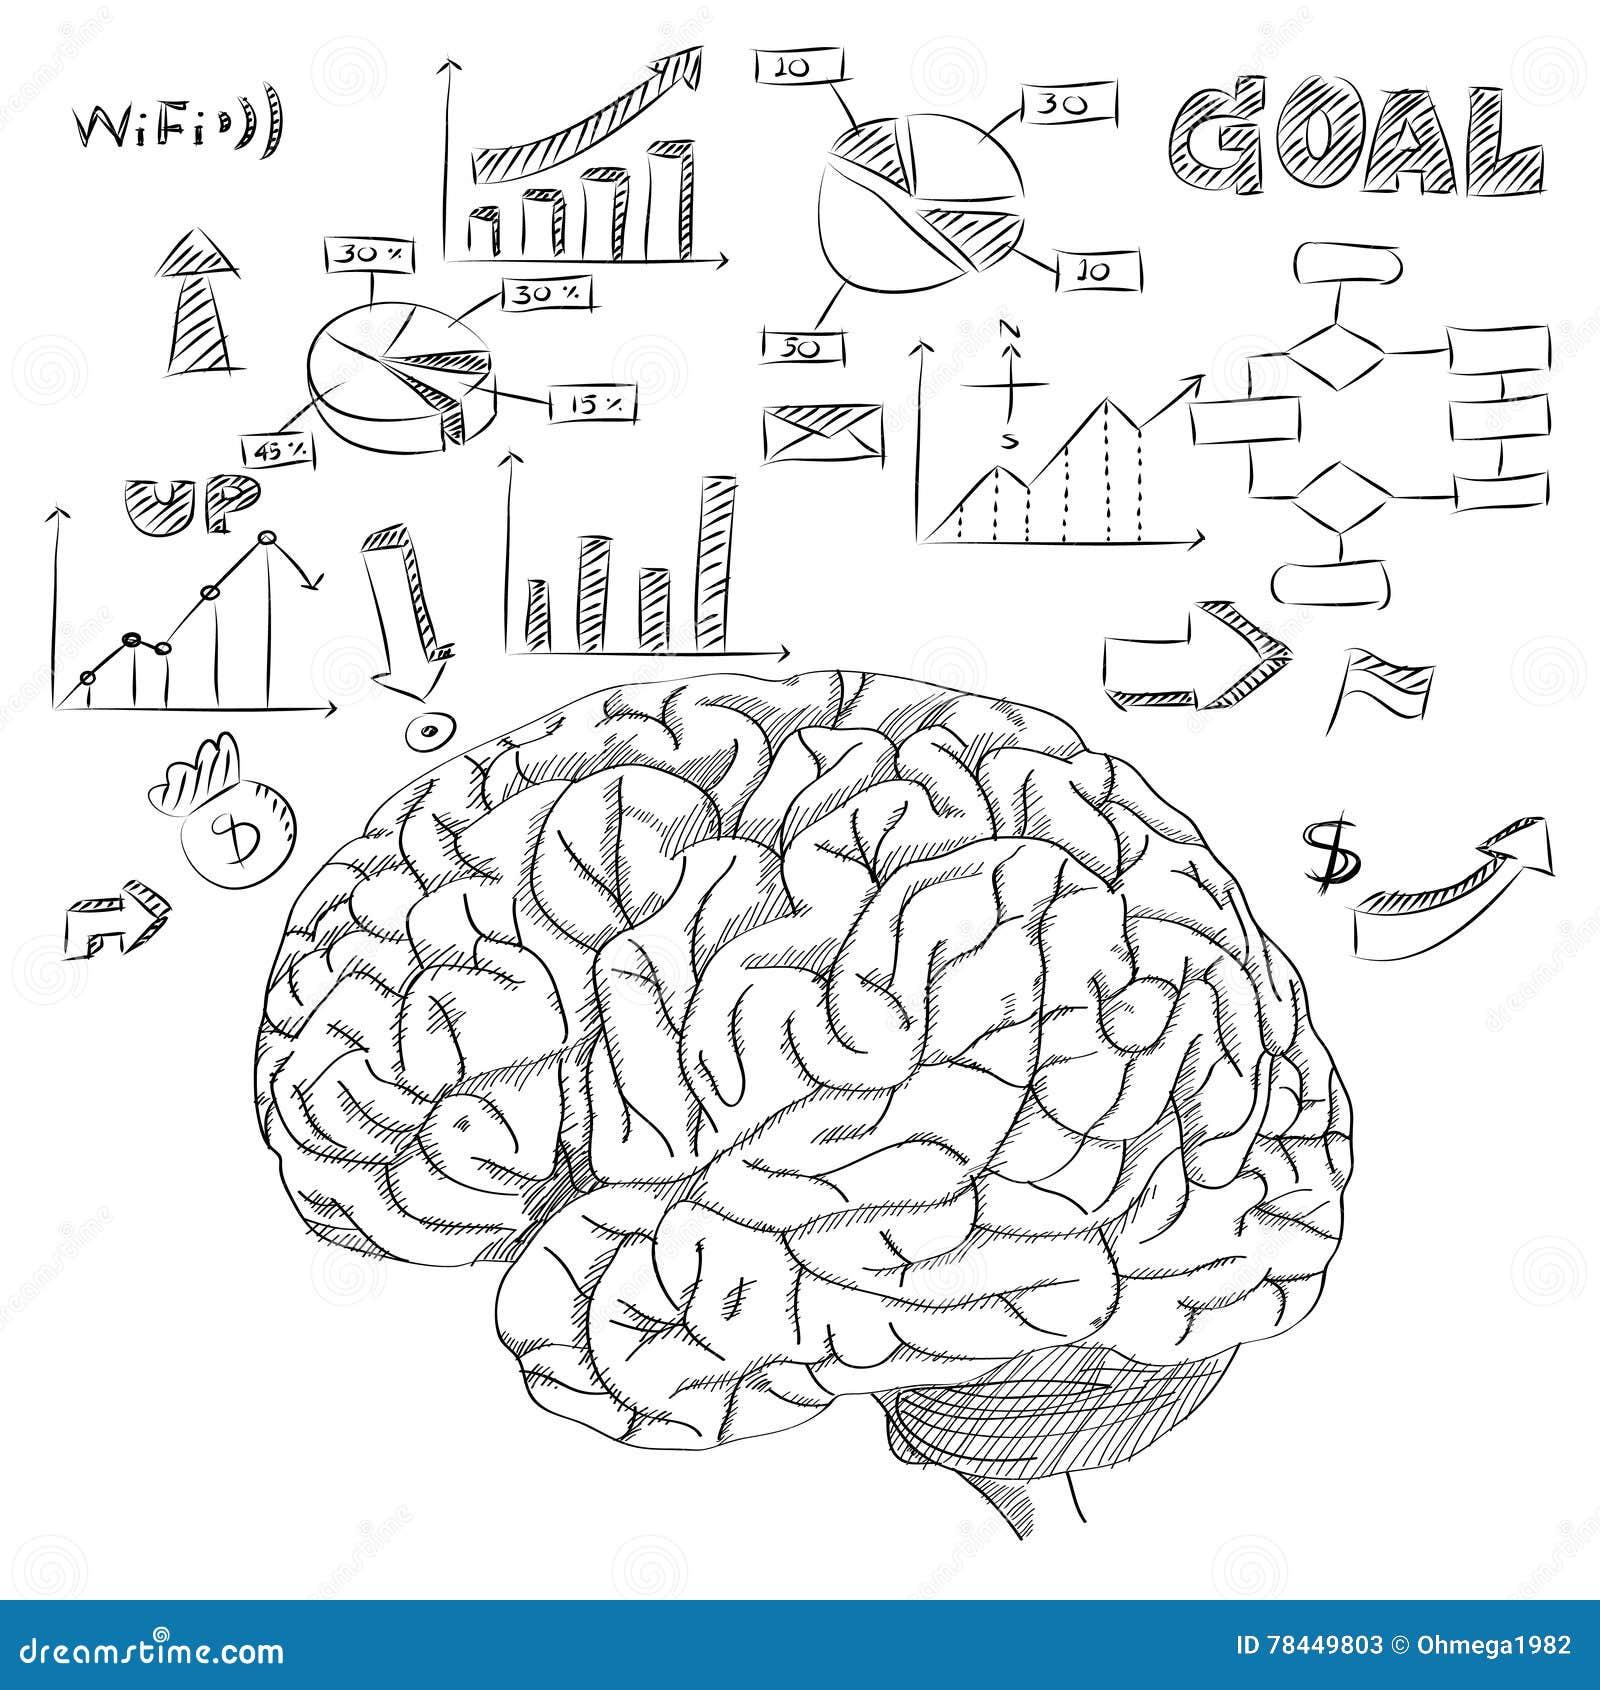 Nett Gehirnstrukturen Und Funktionen Diagramm Galerie - Menschliche ...